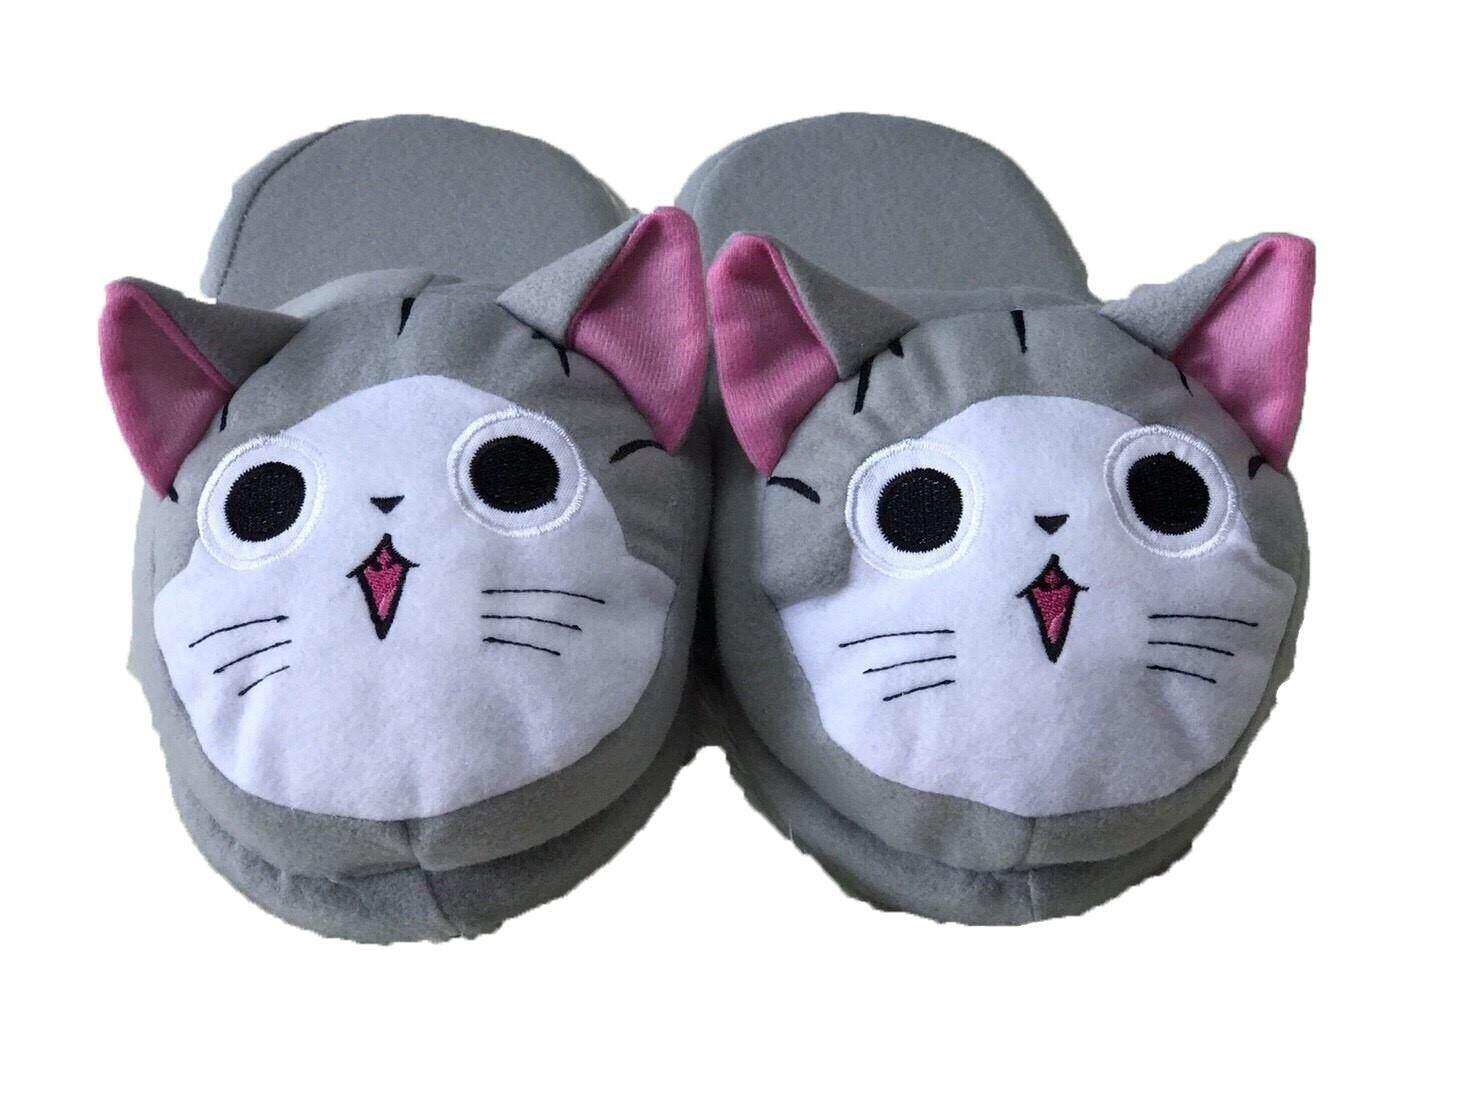 รองเท้าแมวจี้ เนื้อนุ่ม น่ารัก สำหรับใส่ในบ้าน หรือ ที่ทำงาน By Tuktaninoshop.